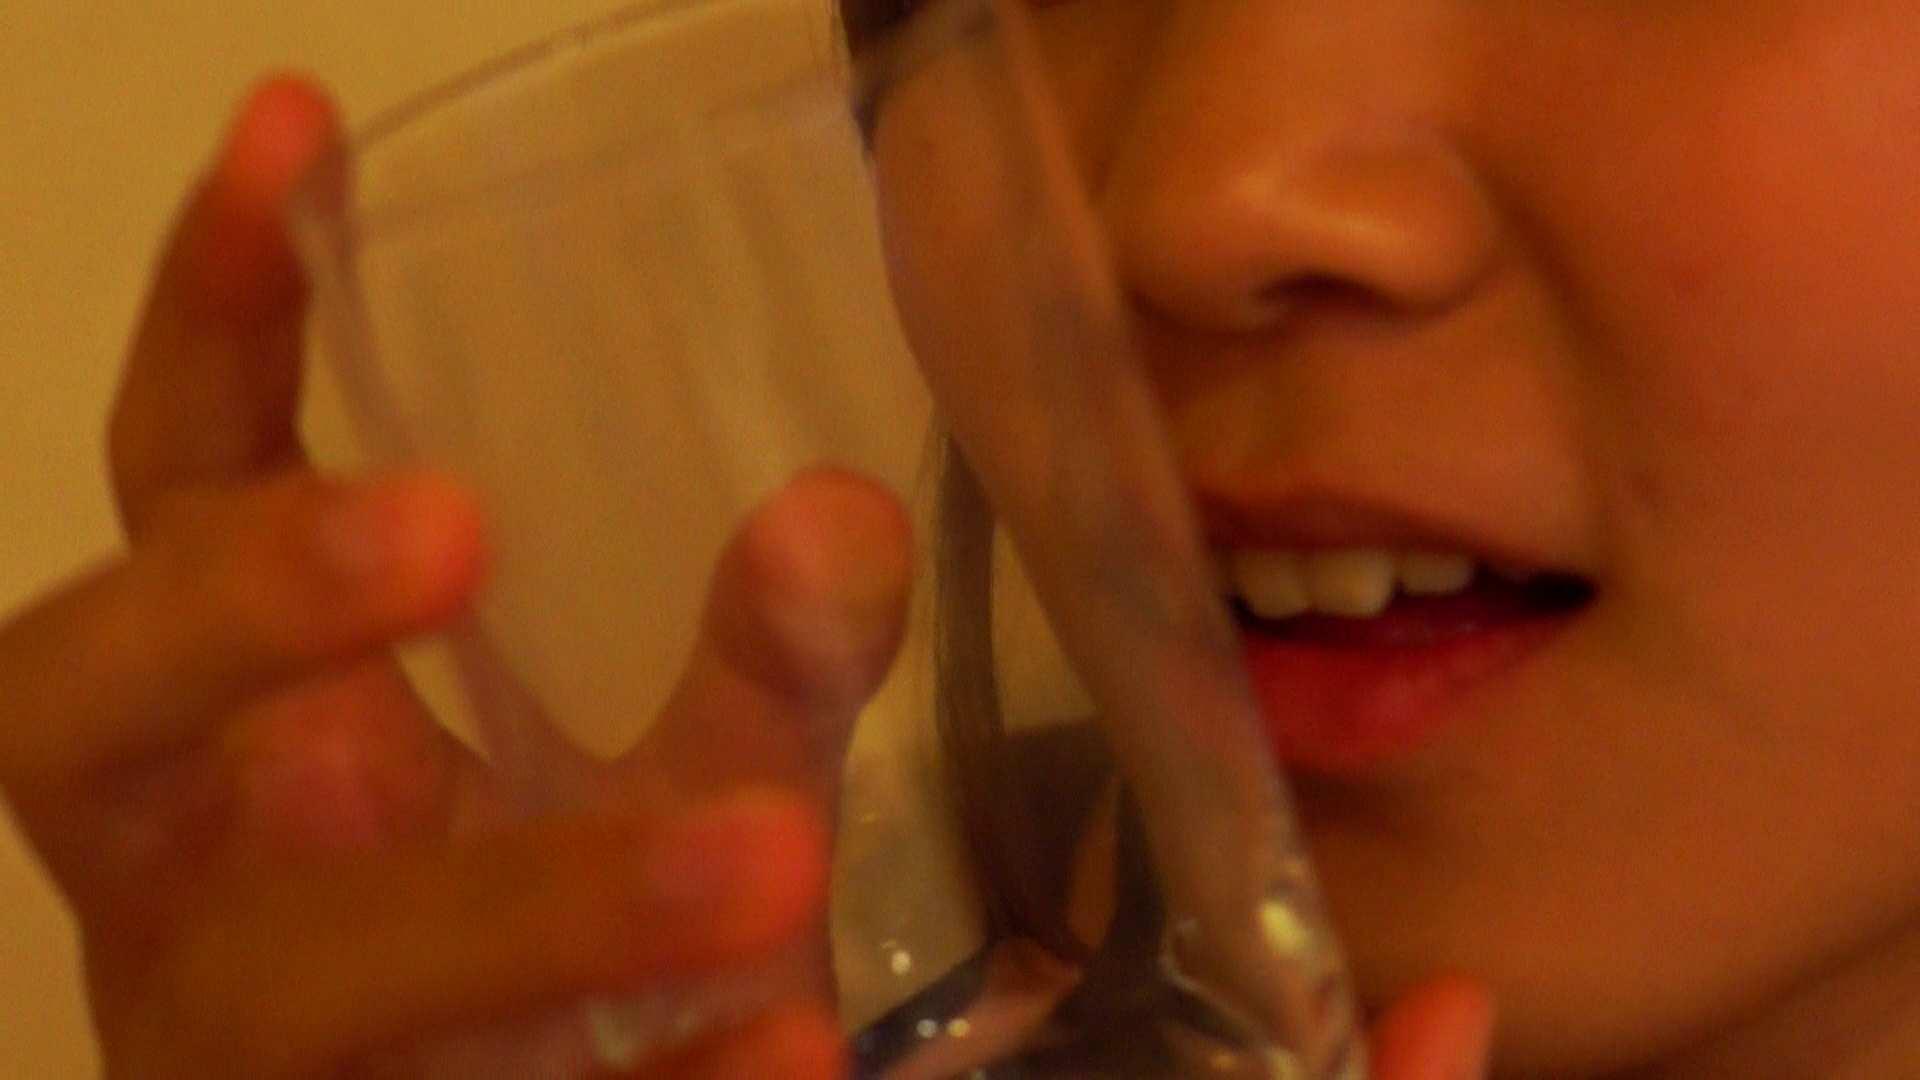 vol.12 瑞希ちゃんにコップを舐めてもらいました。 フェチ  88pic 40